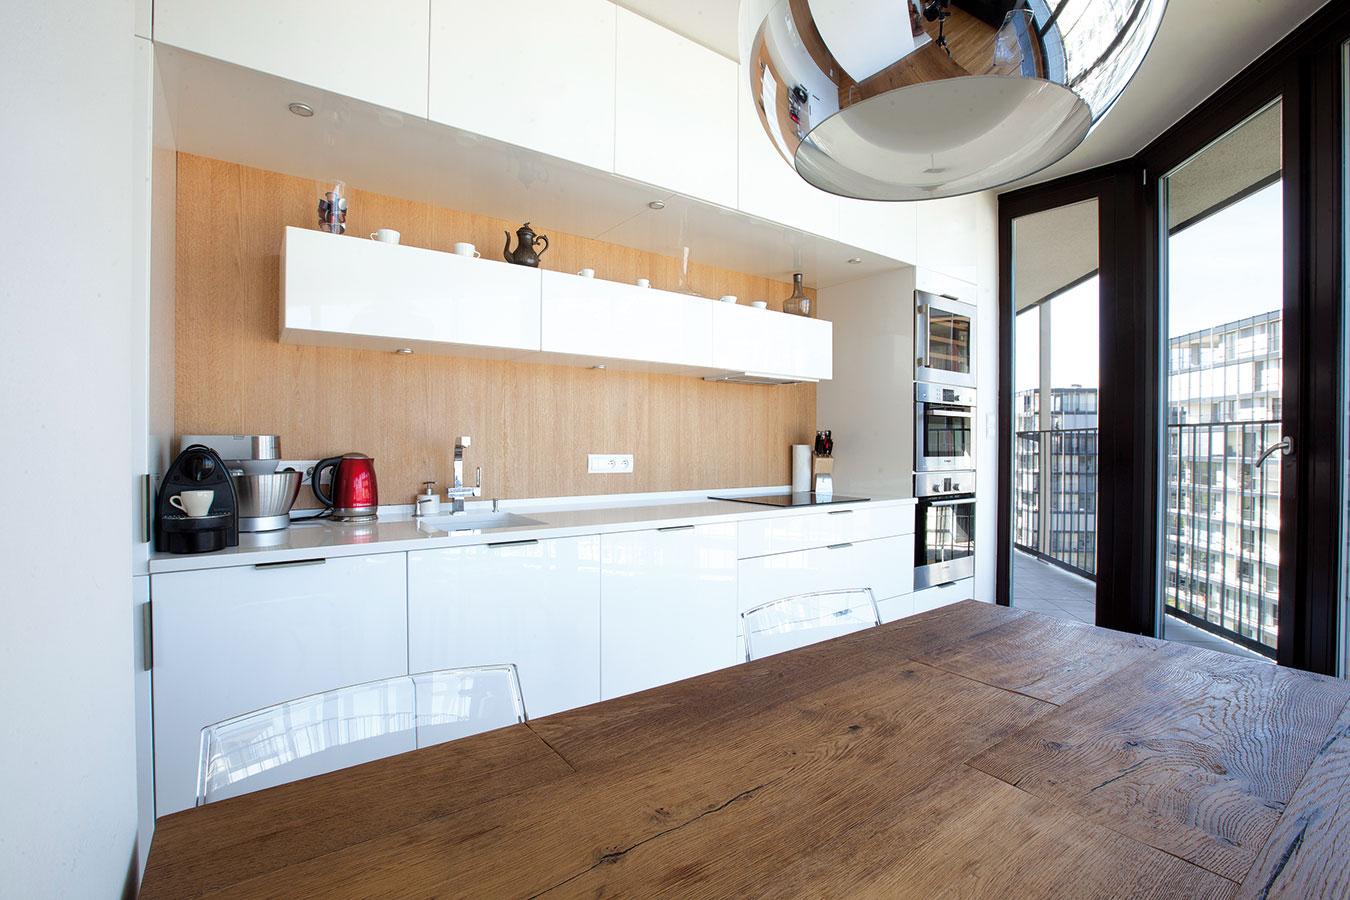 Kuchyň, kterou spolupráce mezi designérkou a majitelem začala, je provedena v bílé lesklé fólii.